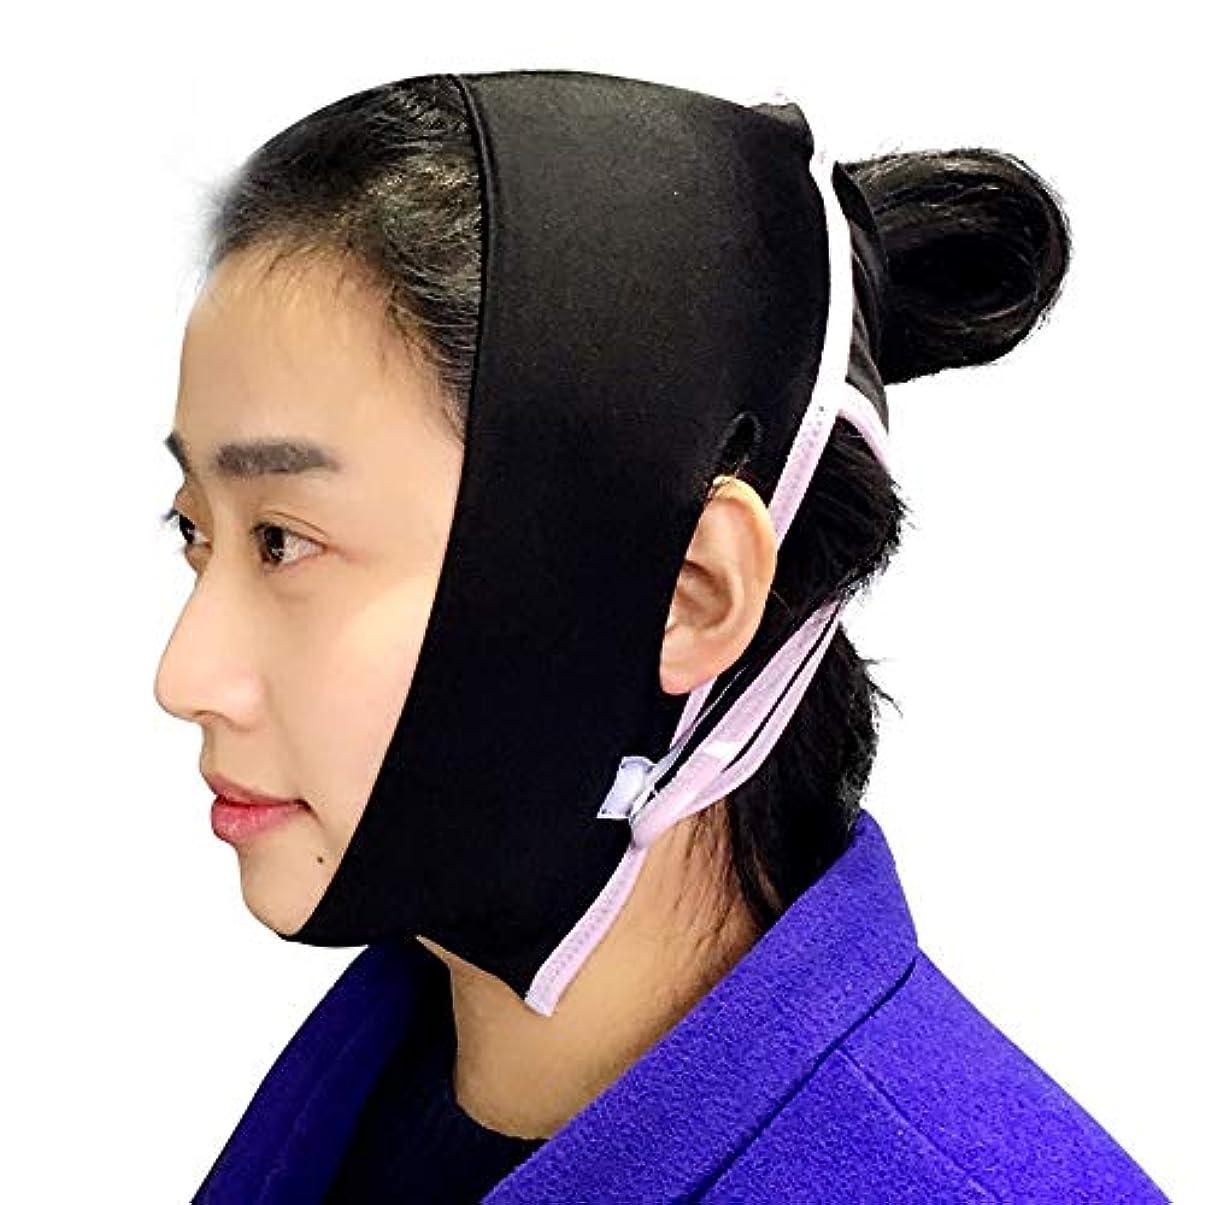 ばかスタック塊XHLMRMJ フェイスリフトマスク、小さなVフェイス睡眠包帯マスクシンダブルチンリフト引き締め肌